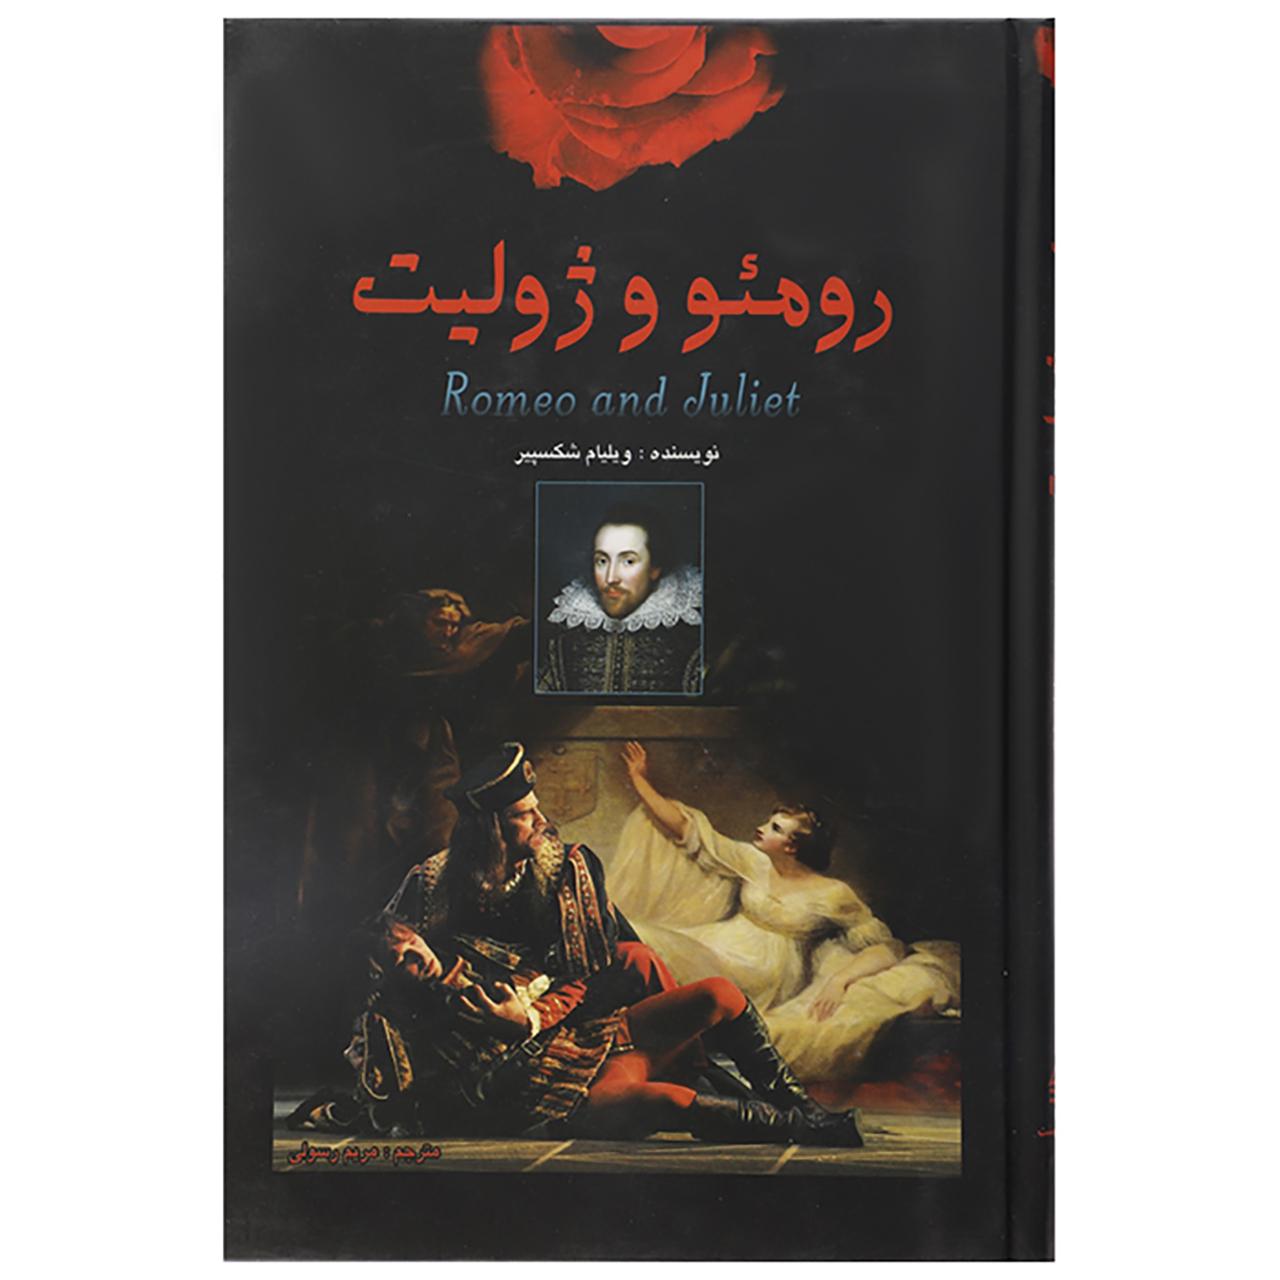 کتاب رومئو و ژولیت اثر ولیام شکسپیر